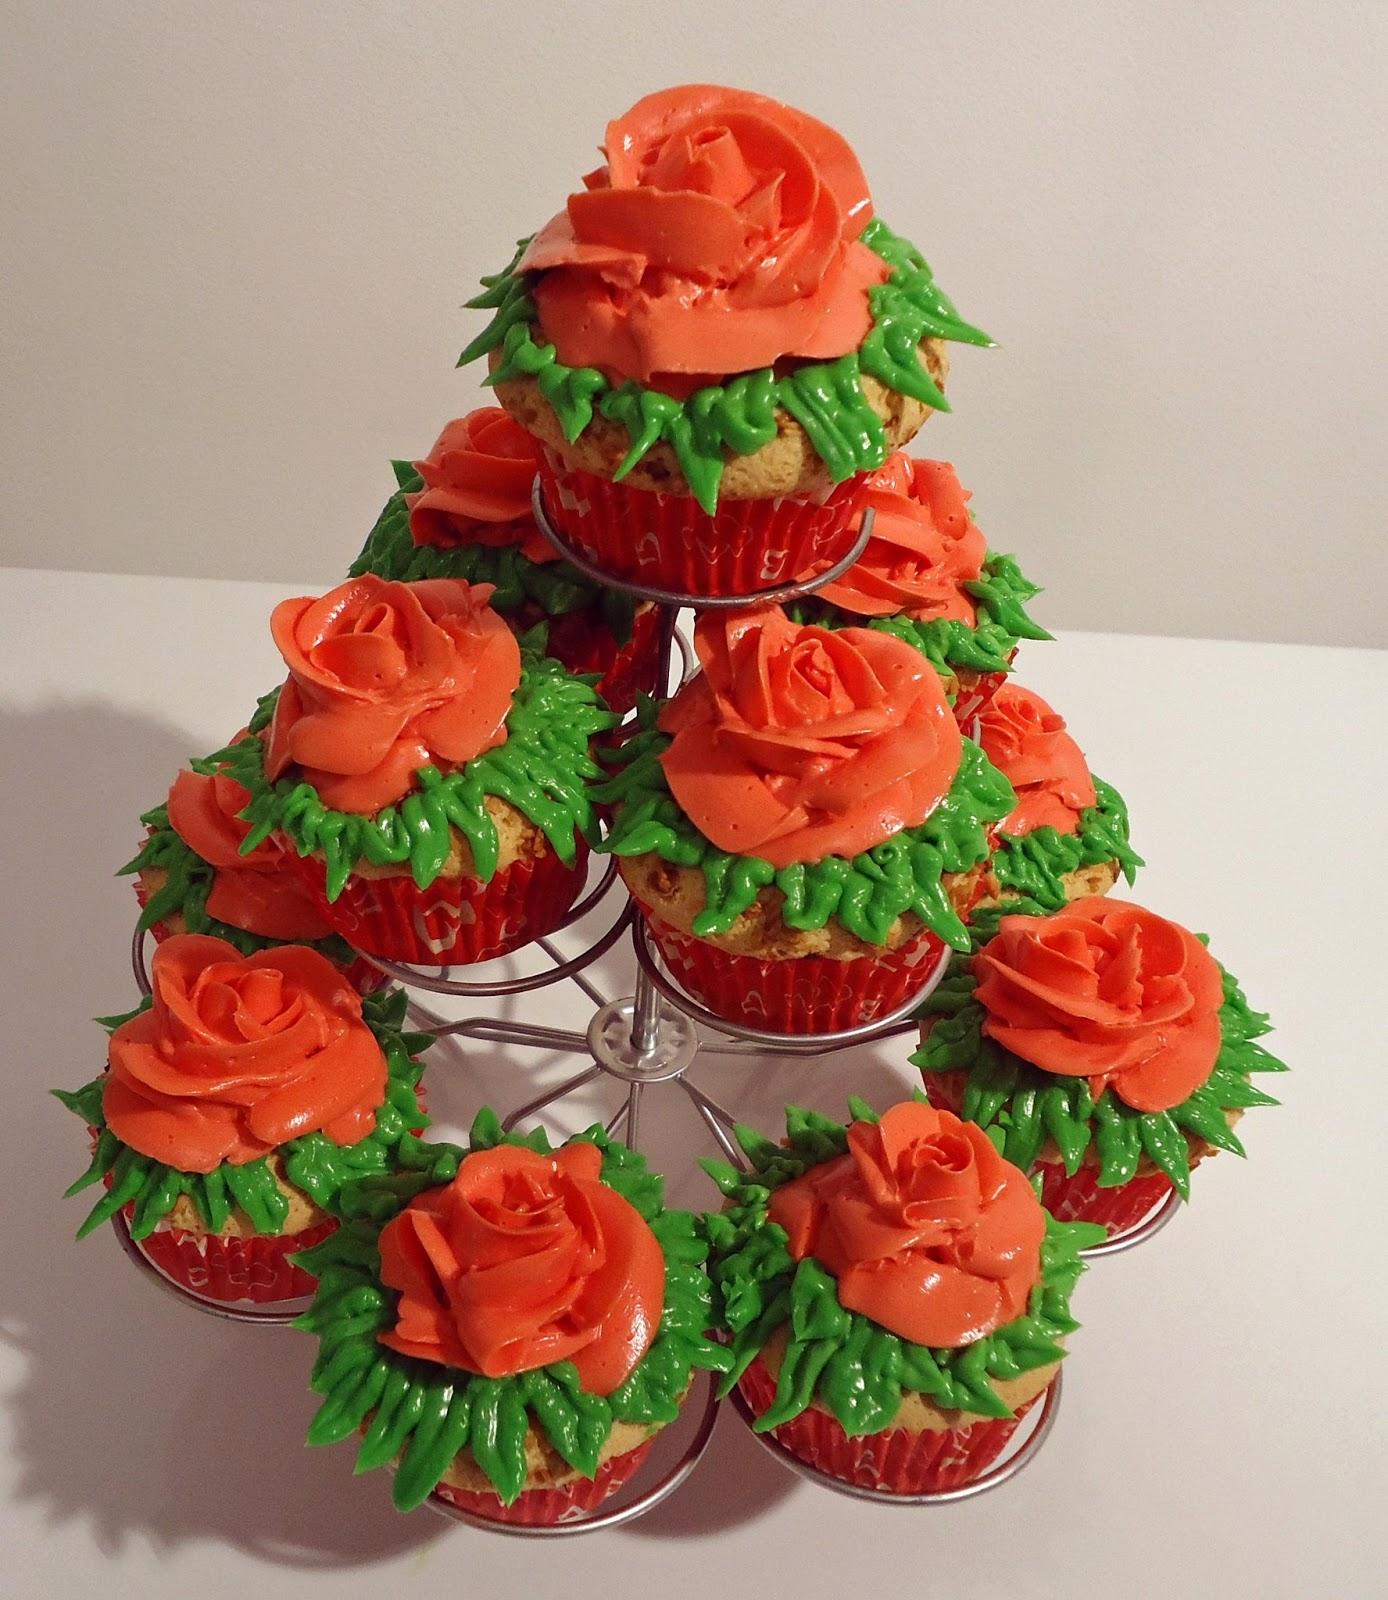 Minicuisine bouquet de roses pour la st valentin for Bouquet saint valentin